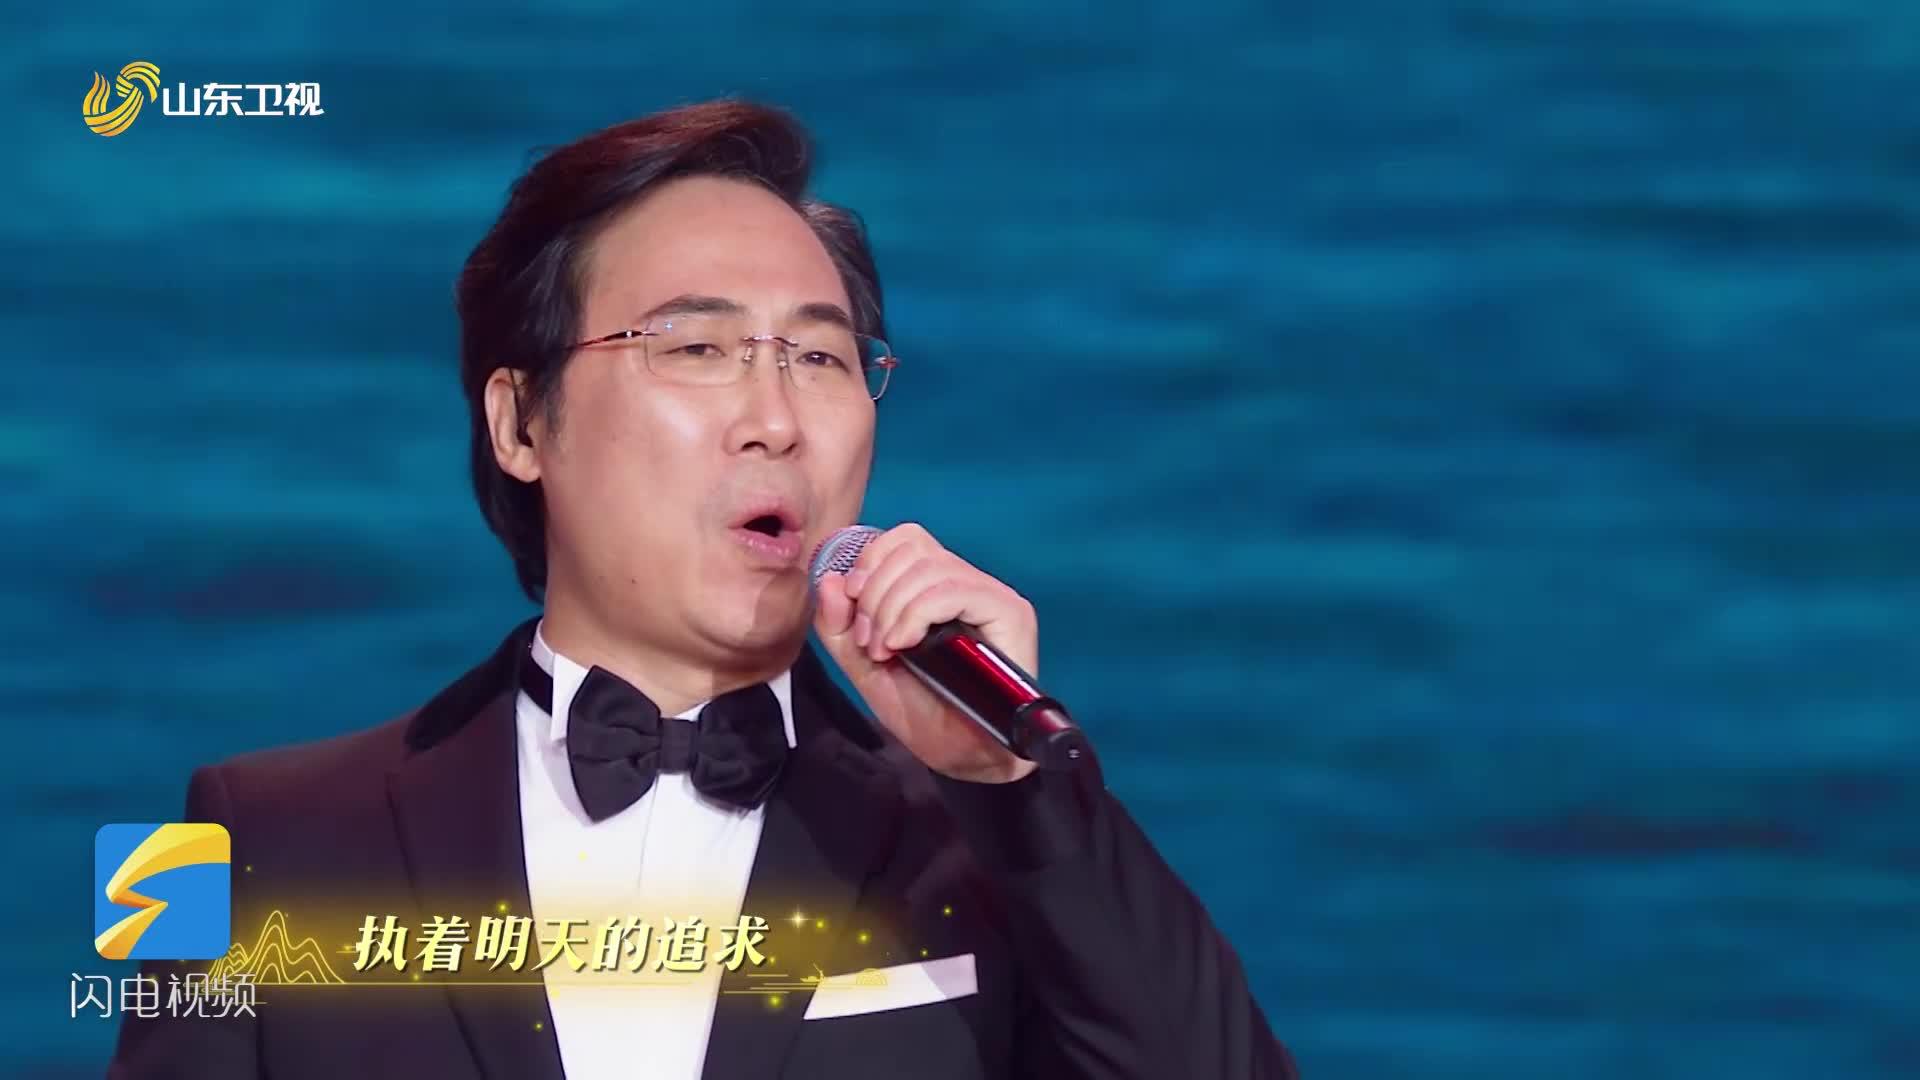 2021山东欢乐元宵夜|廖昌永再献声!大型歌舞《向往》描绘美好生活画卷